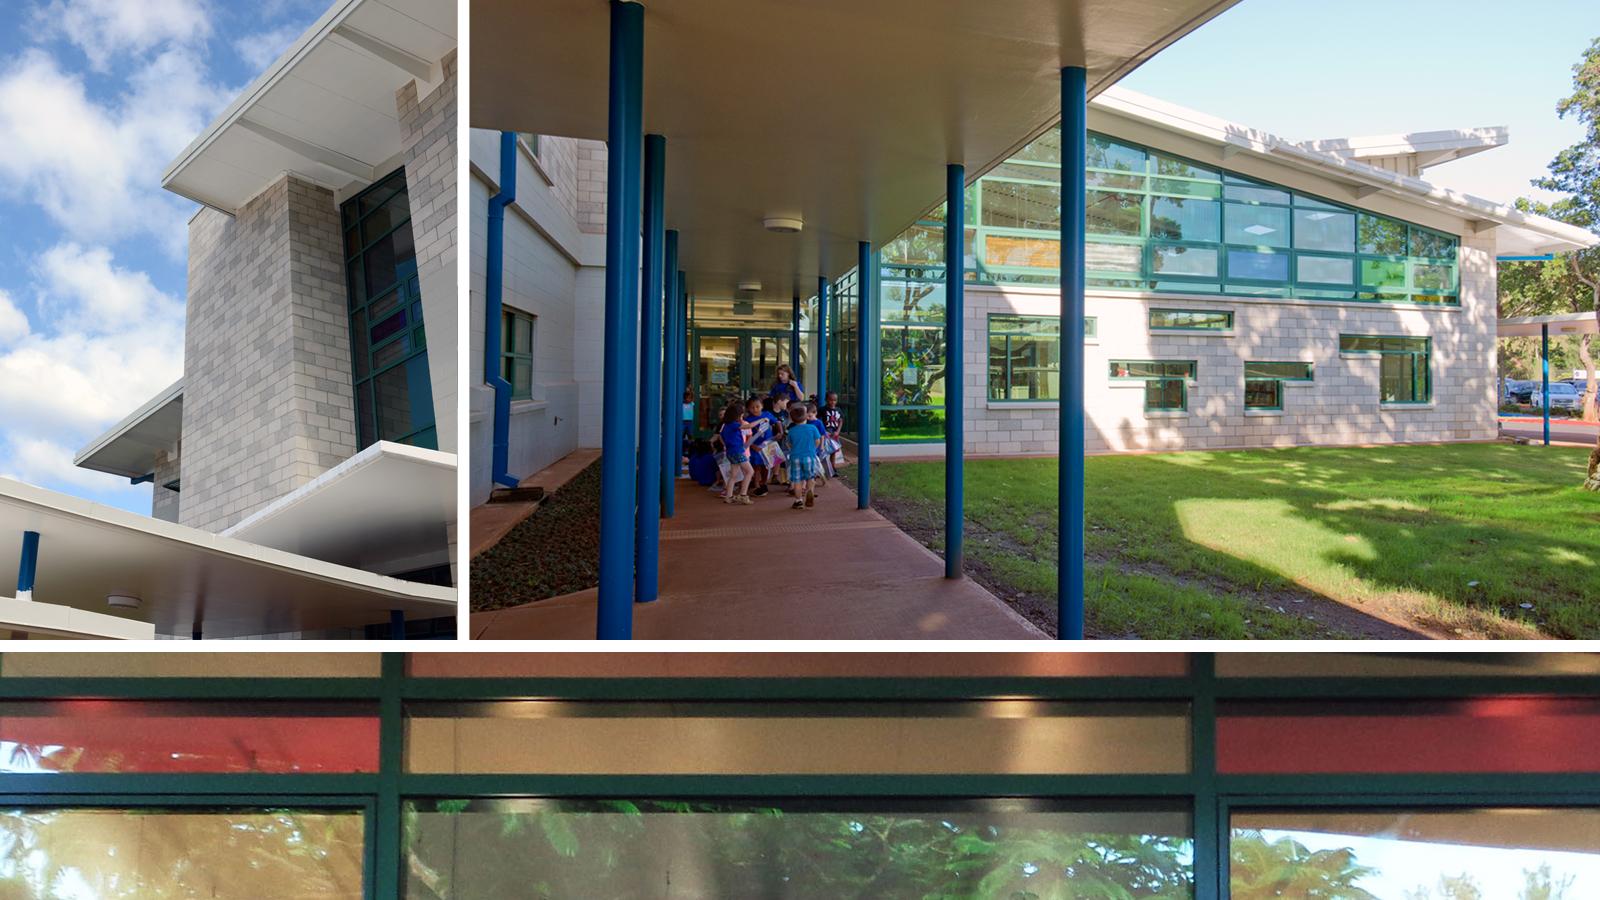 Daniel K. Inouye Elementary School